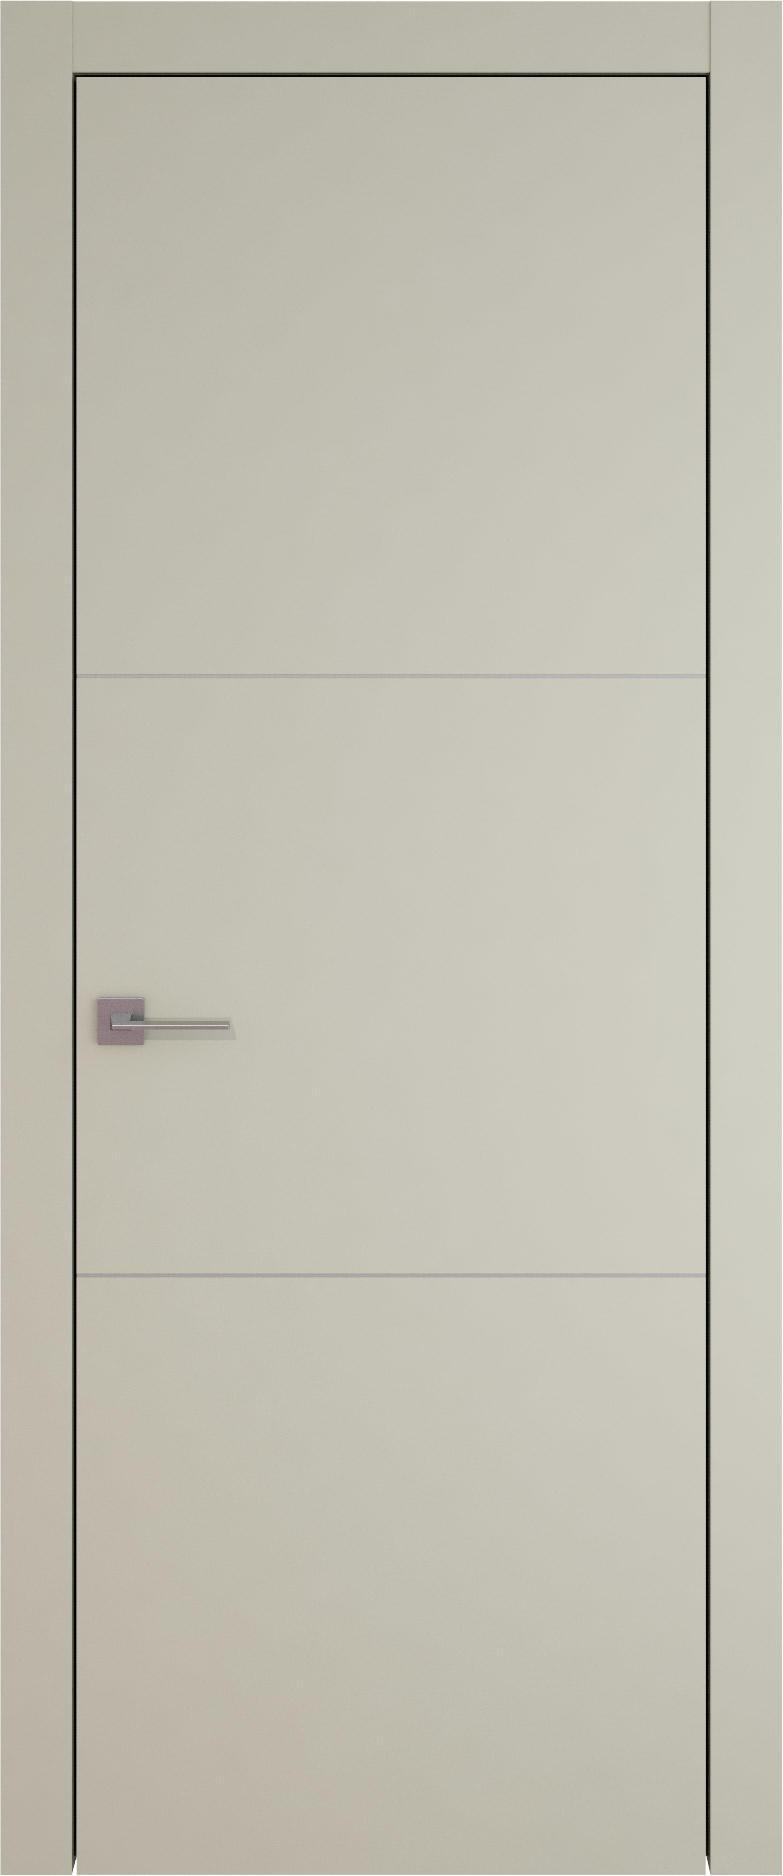 Tivoli В-3 цвет - Серо-оливковая эмаль (RAL 7032) Без стекла (ДГ)